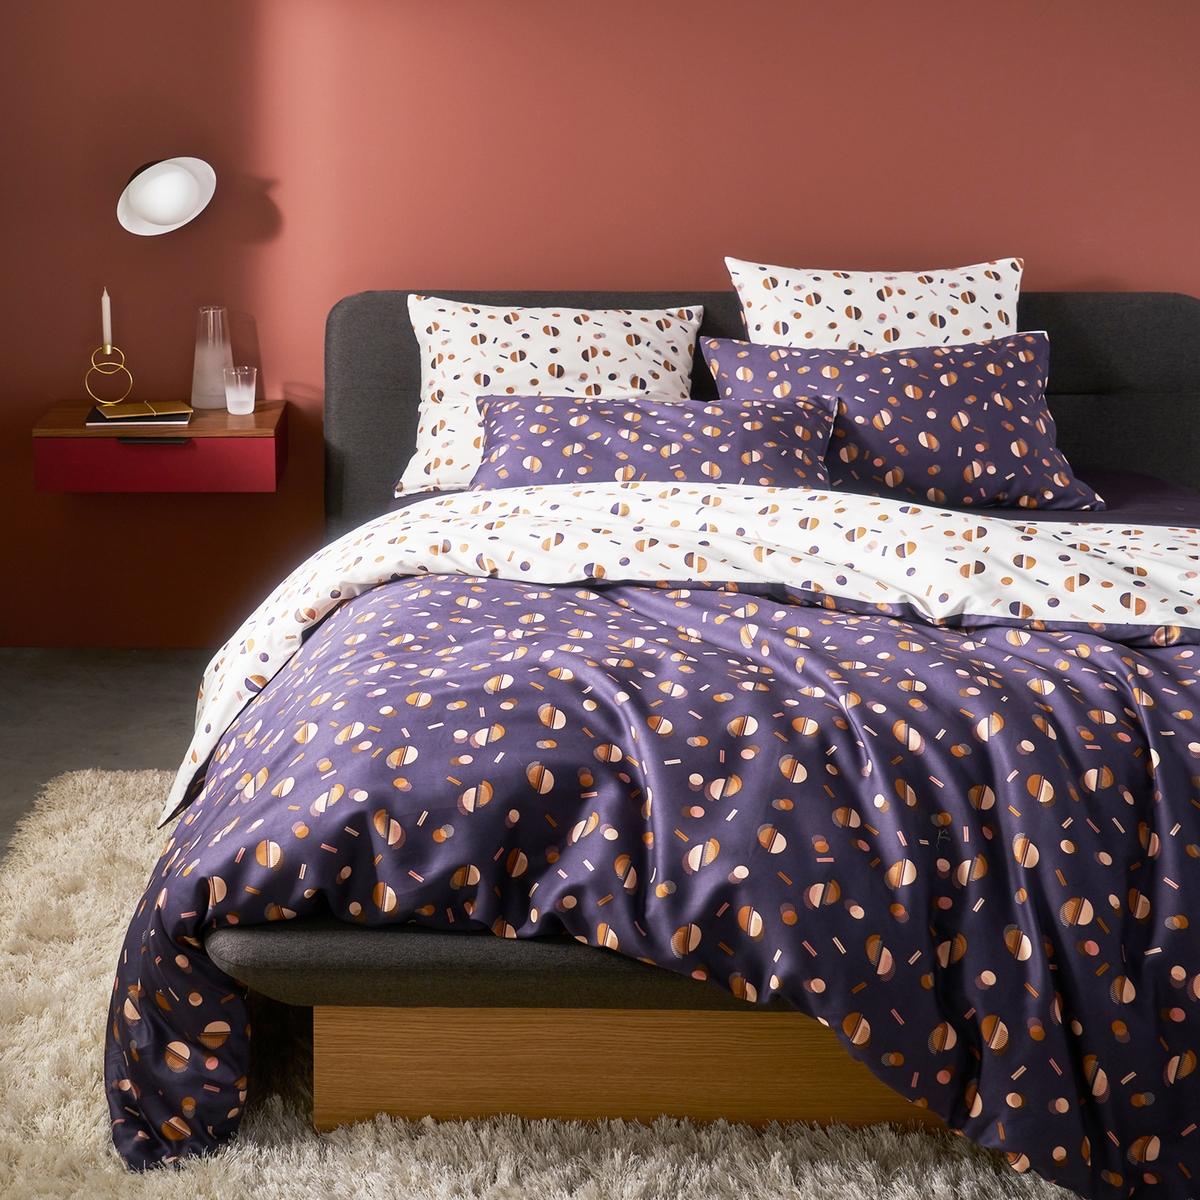 Isdore Cotton Satin Pillowcase